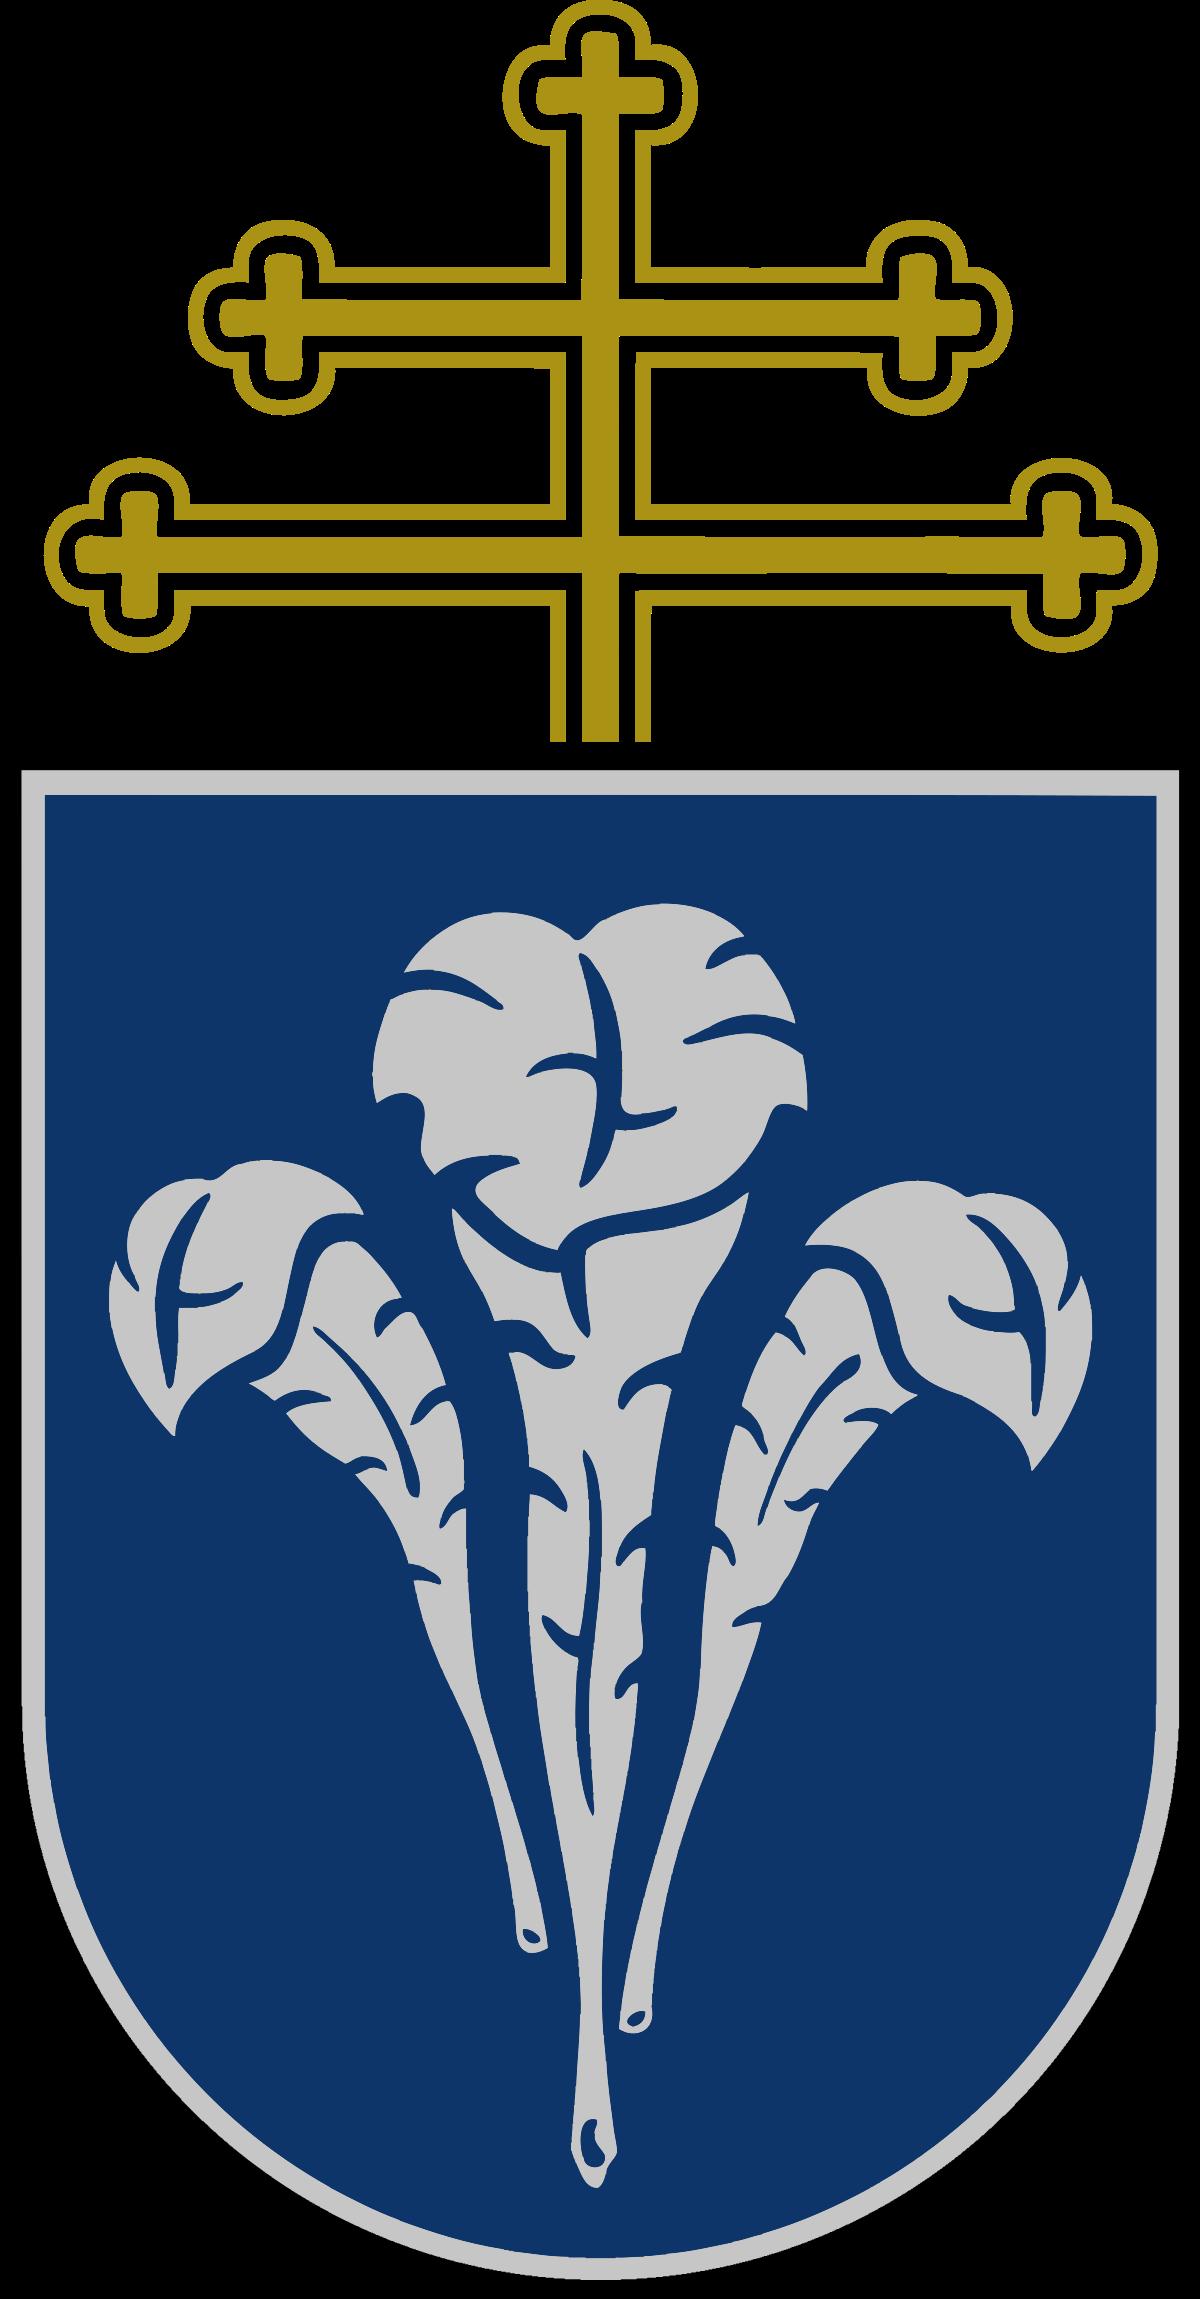 Pázmány Péter Catholic University (HU)